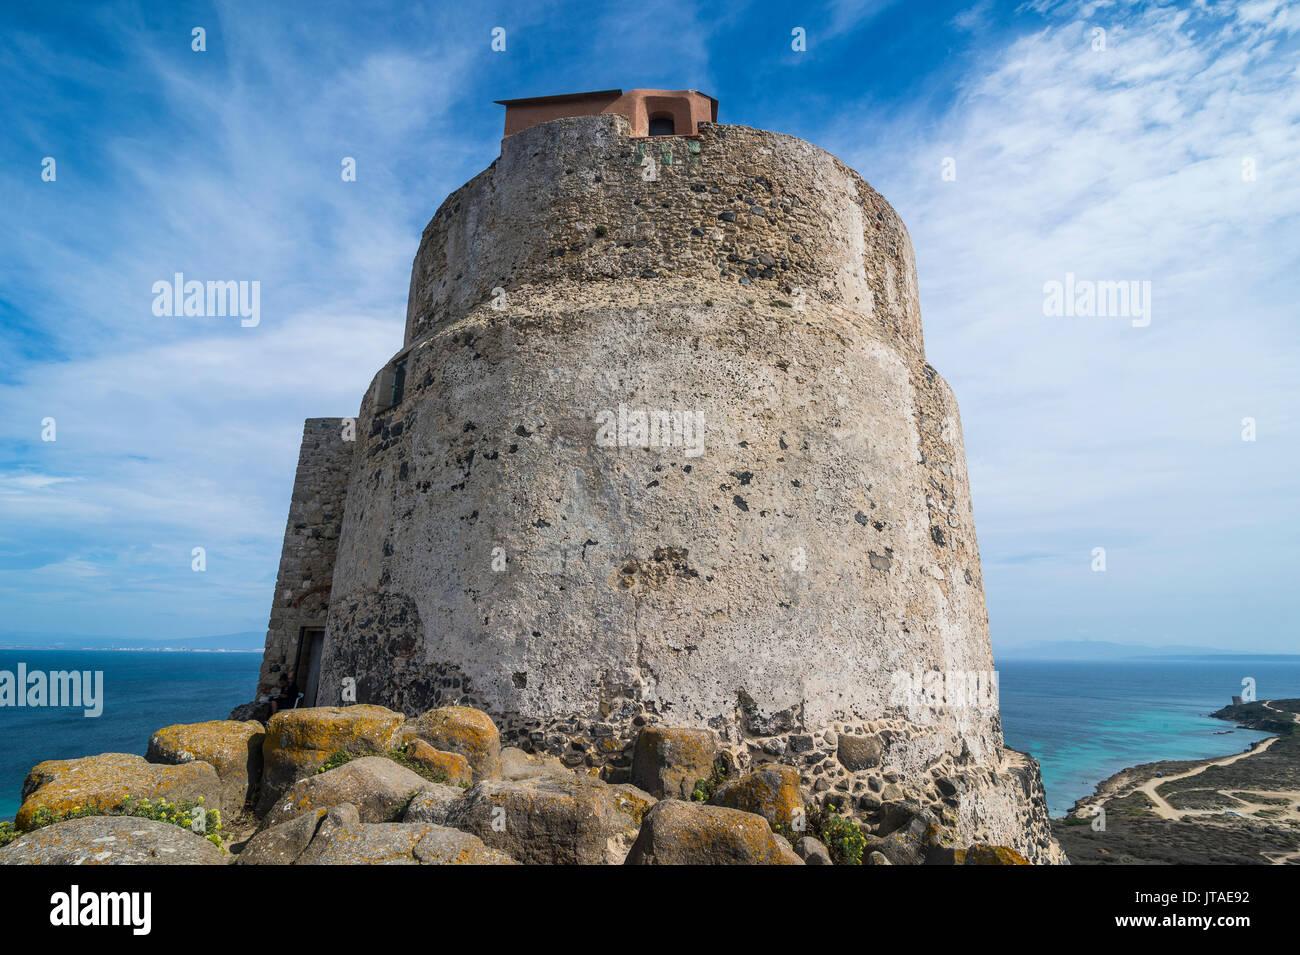 Tower of San Giovanni, Tharros, Sardinia, Italy, Mediterranean, Europe Stock Photo